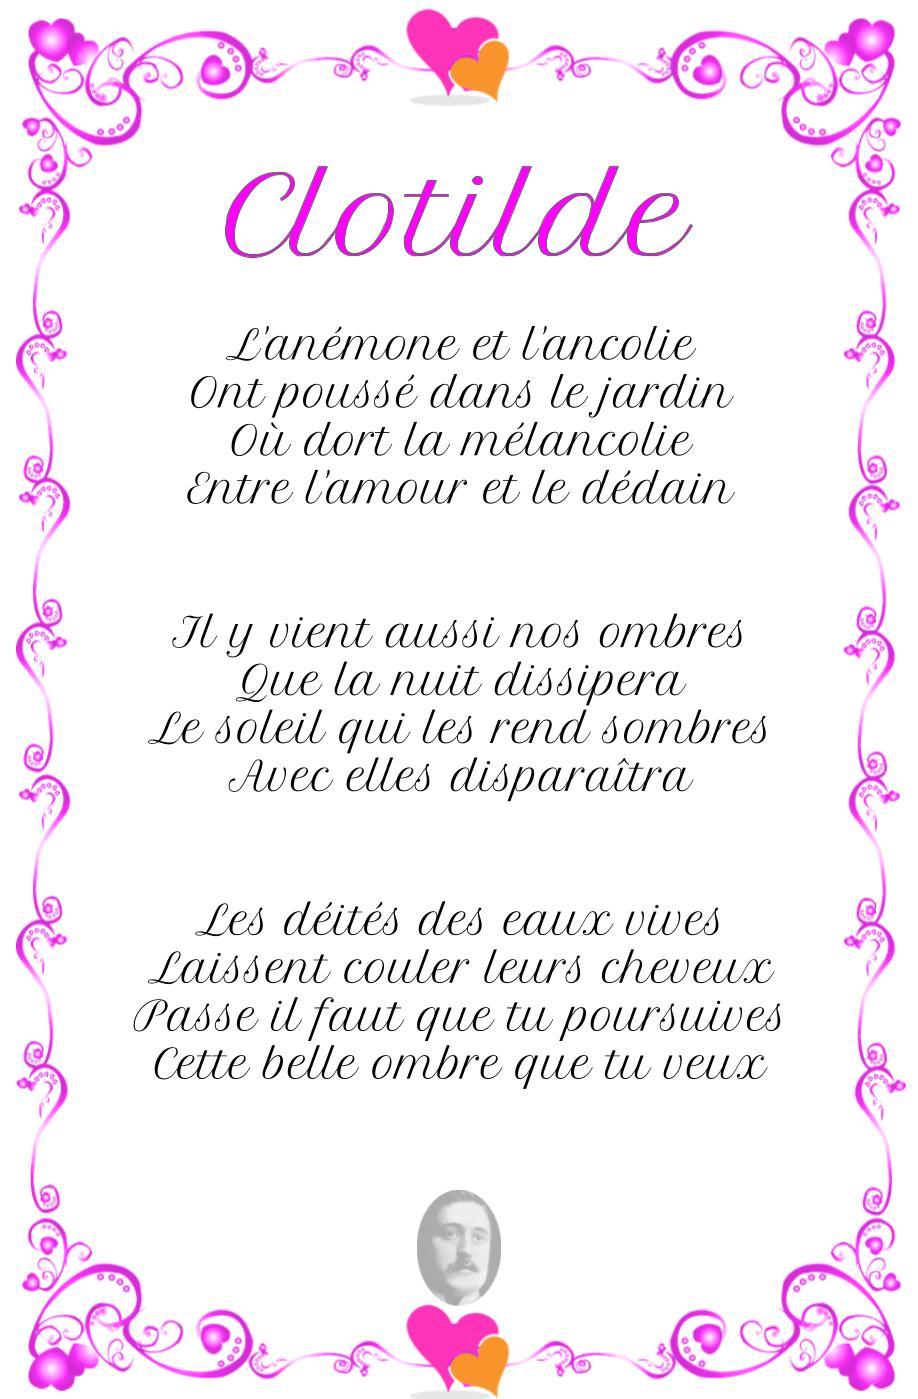 Clotilde, poème de Guillaume Apollinaire